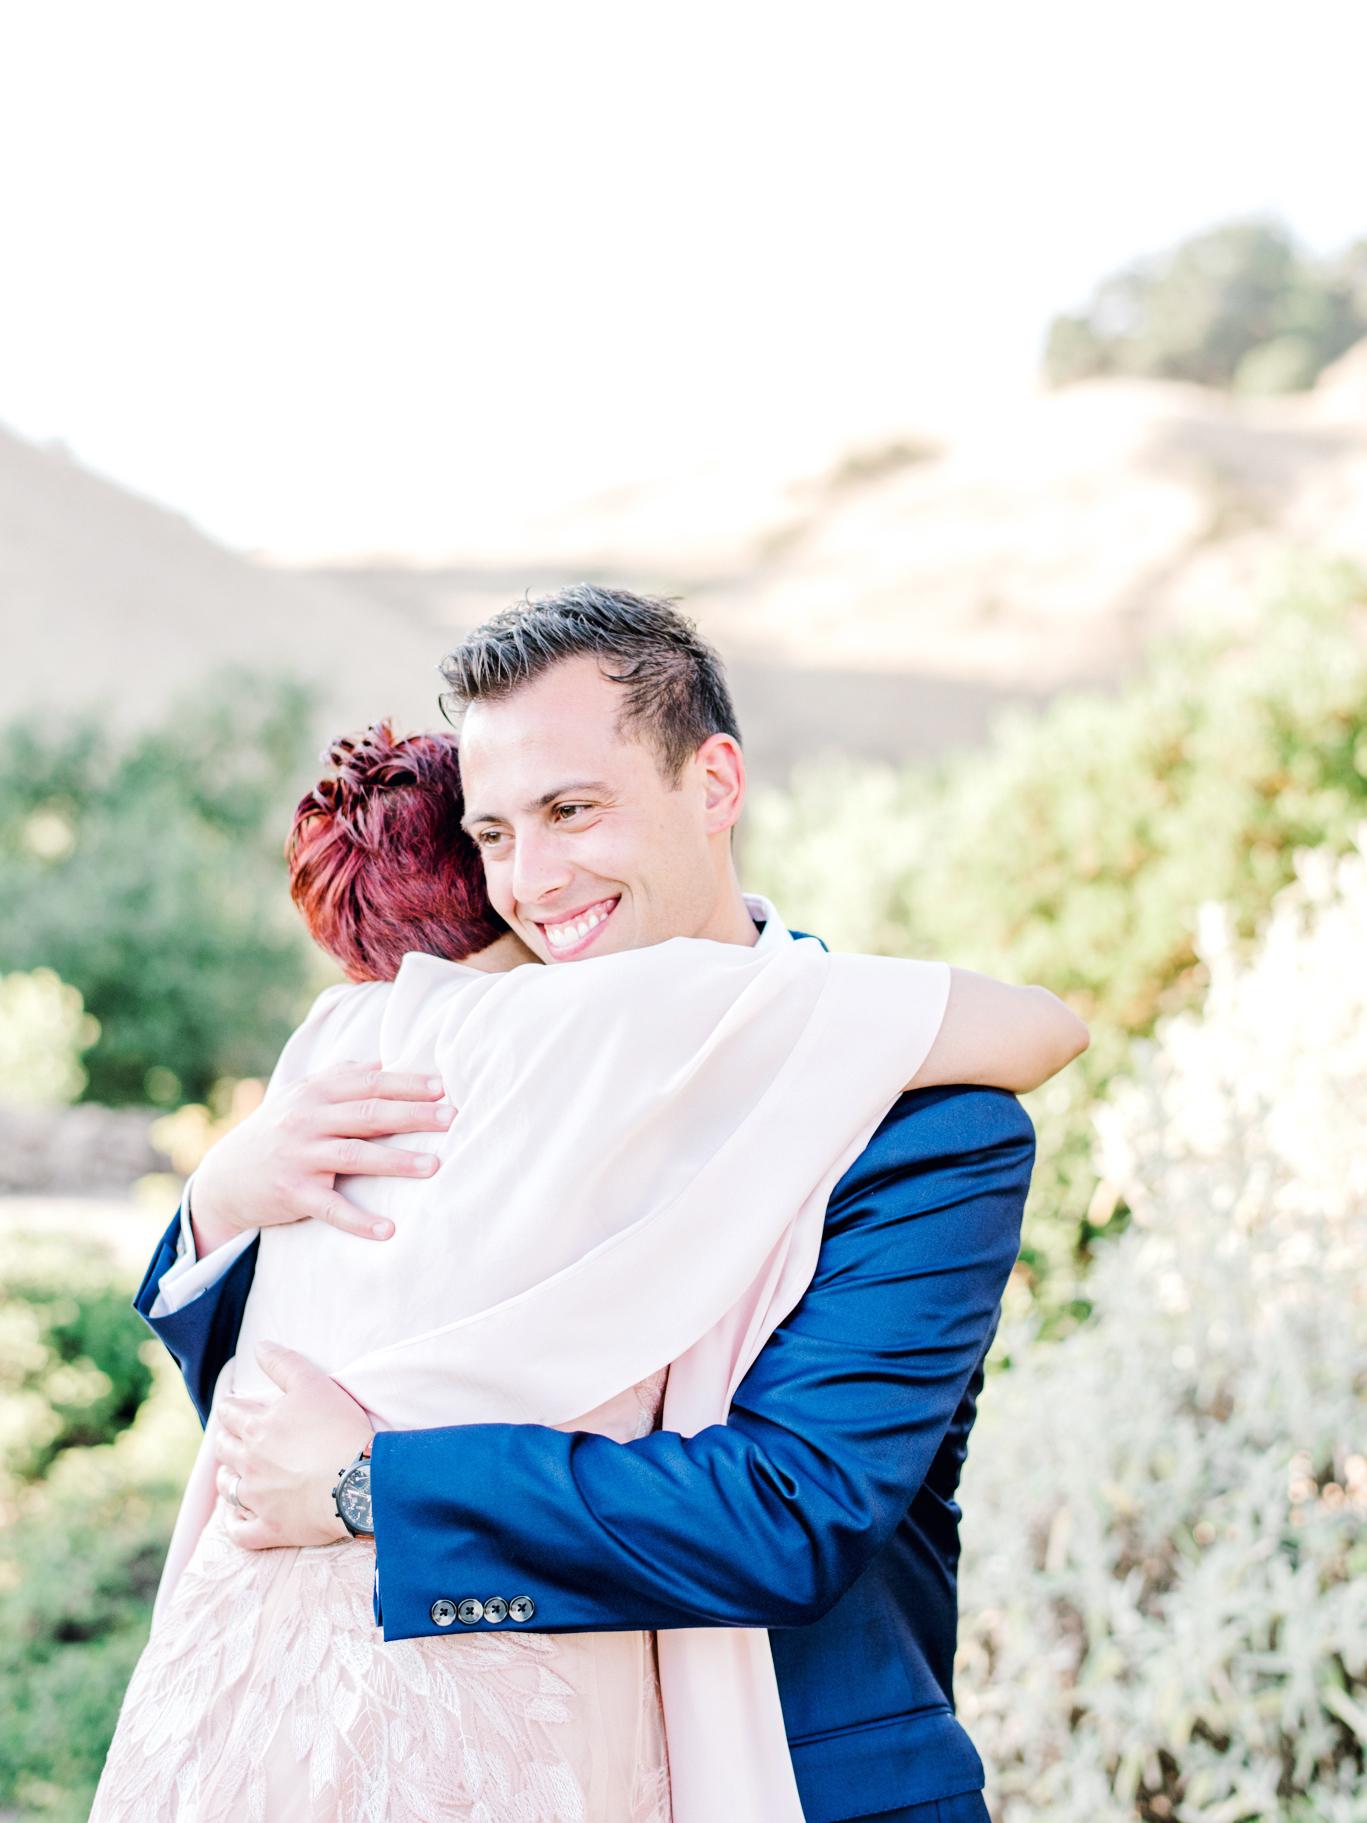 radostinaboseva_napa_wedding_california-102.jpg